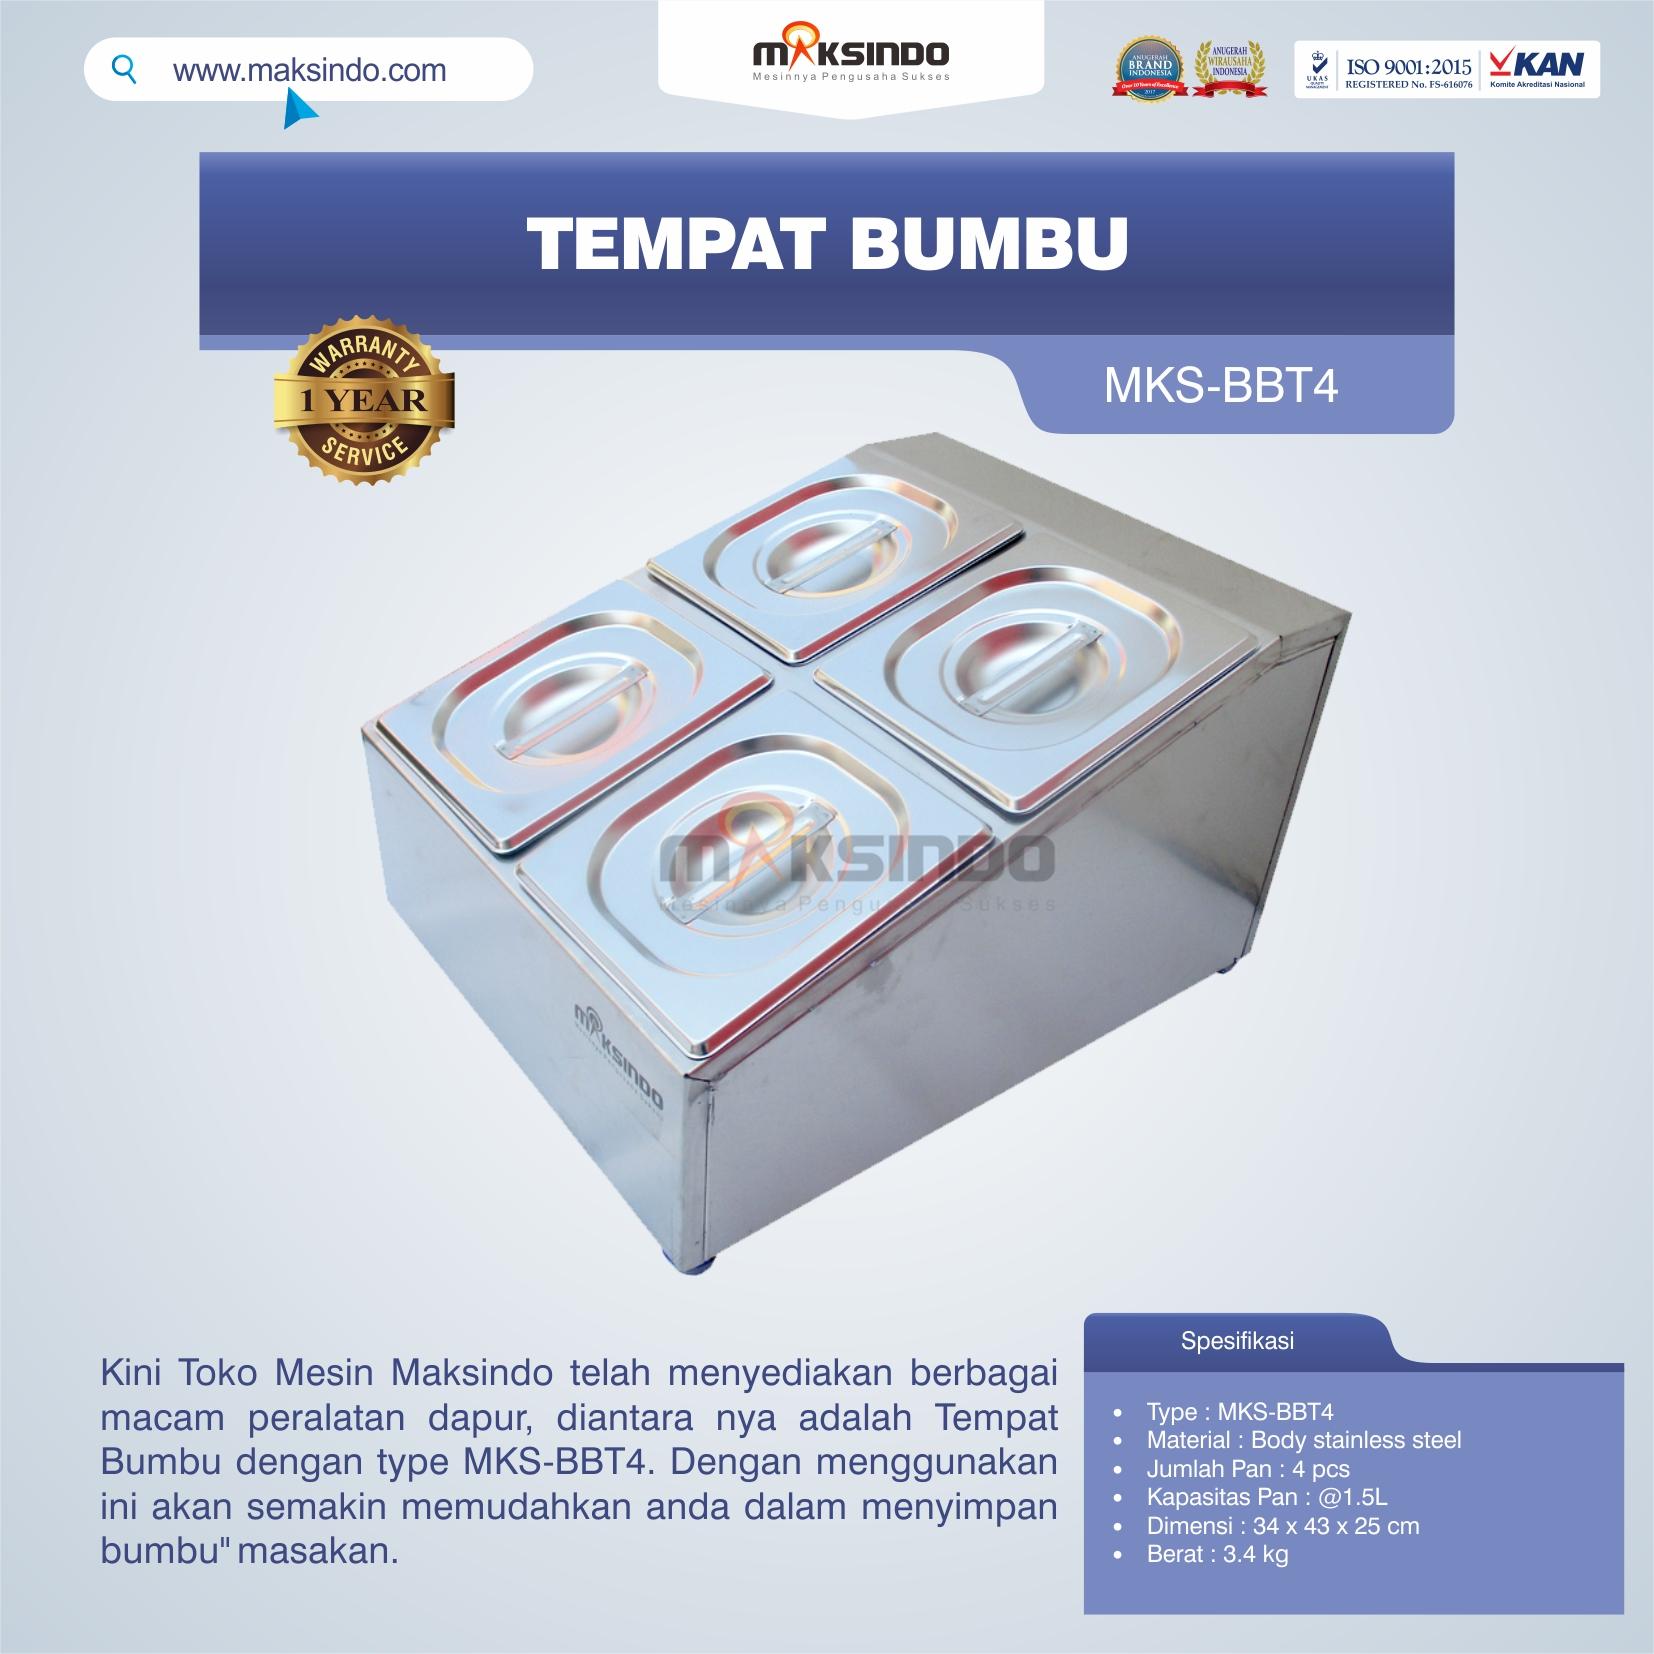 Jual Tempat Bumbu MKS-BBT4 di Bekasi